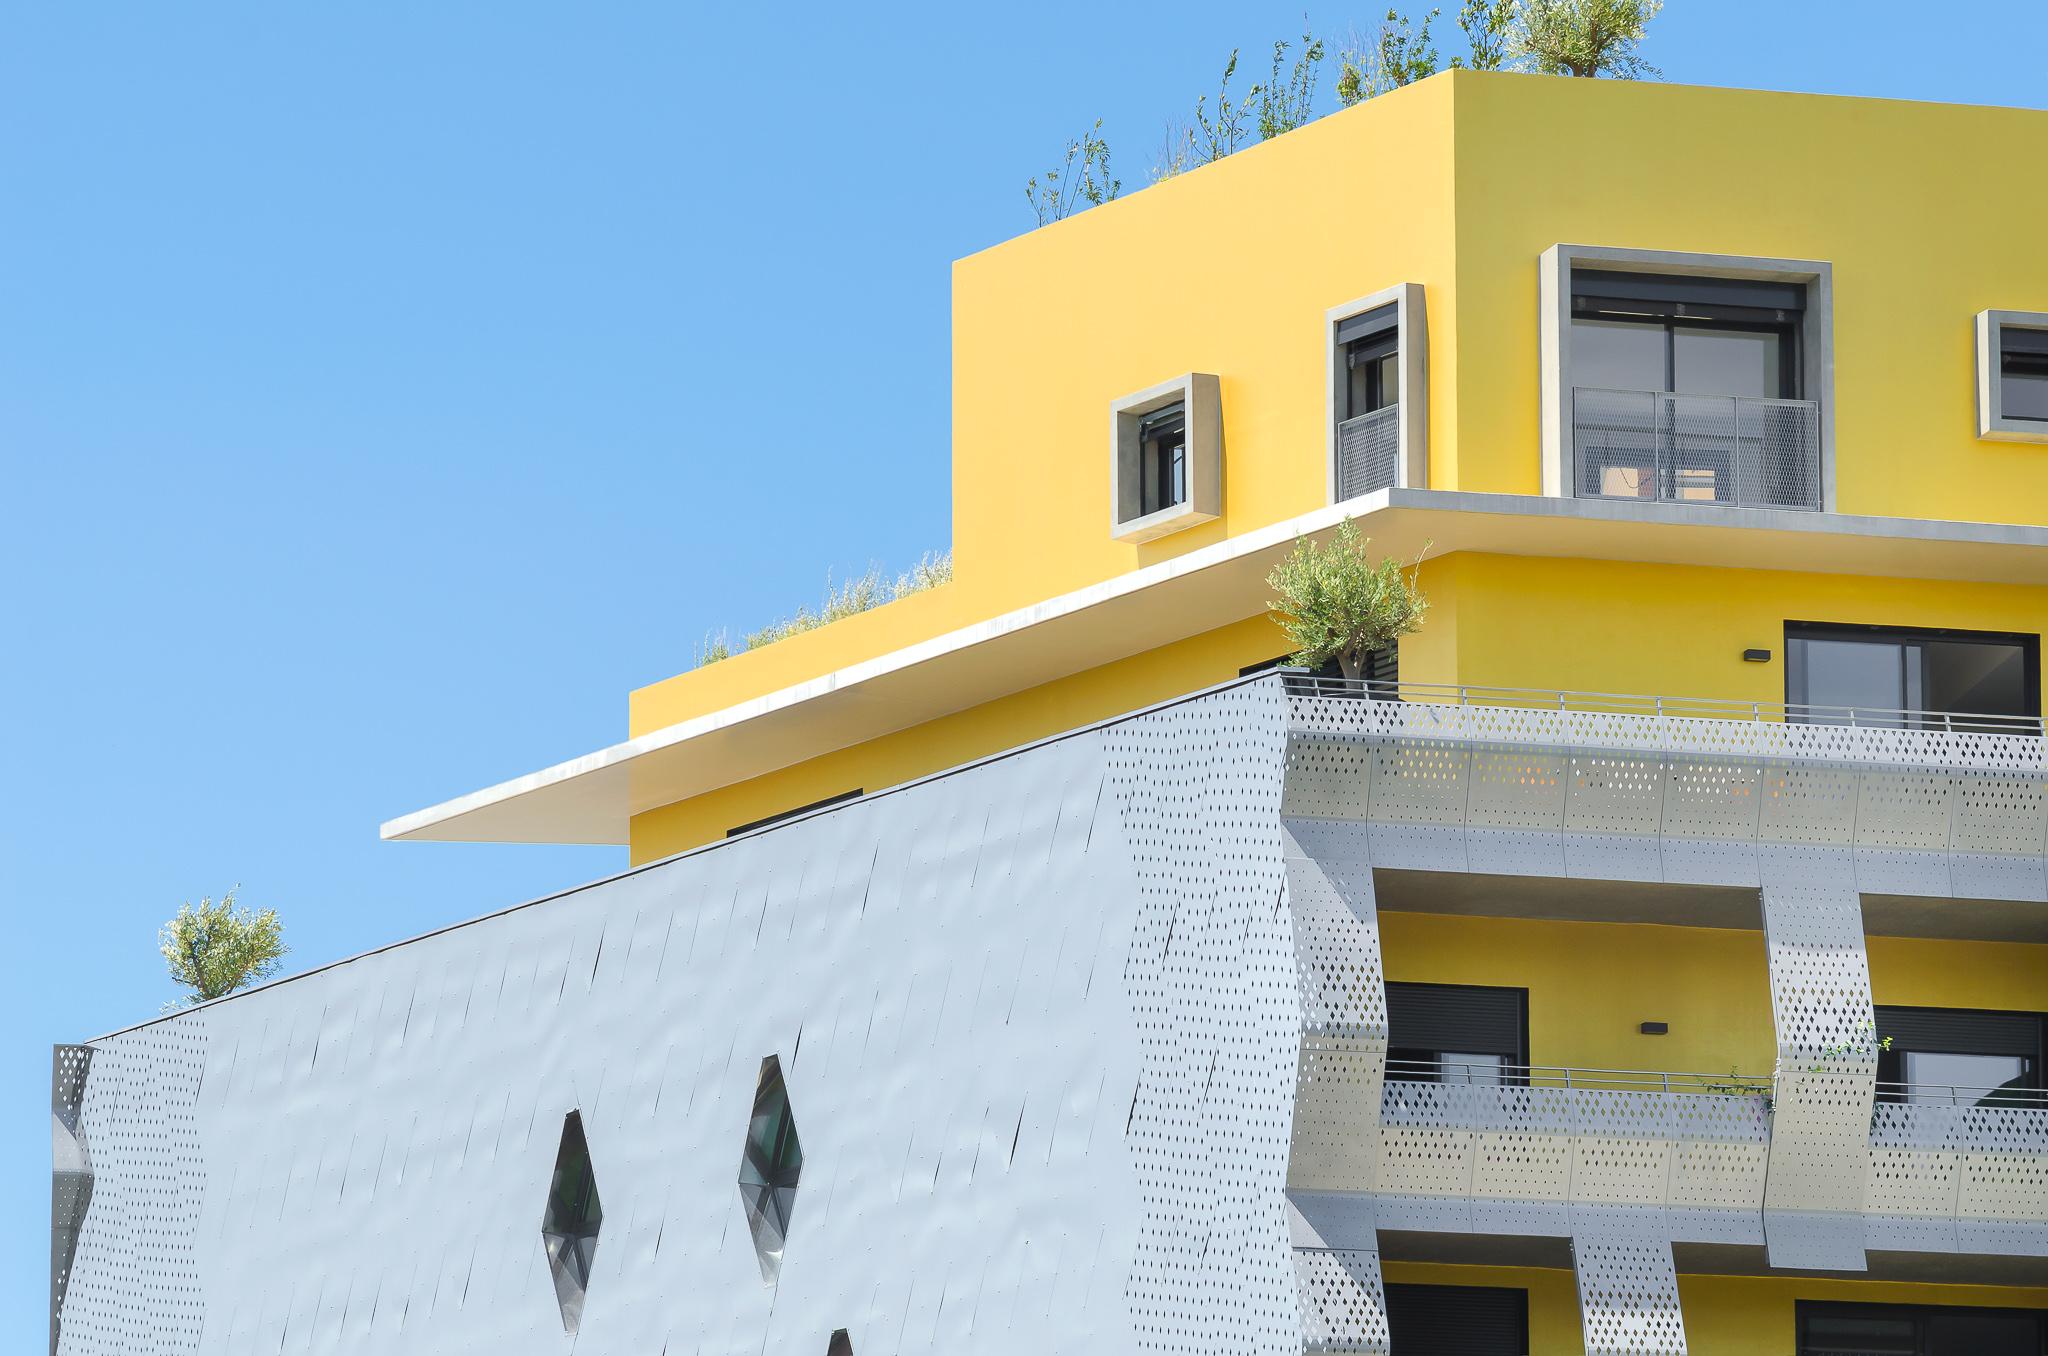 Détail d'une maison sur le toit - Le Platinium à Montpellier par M&A Promotion